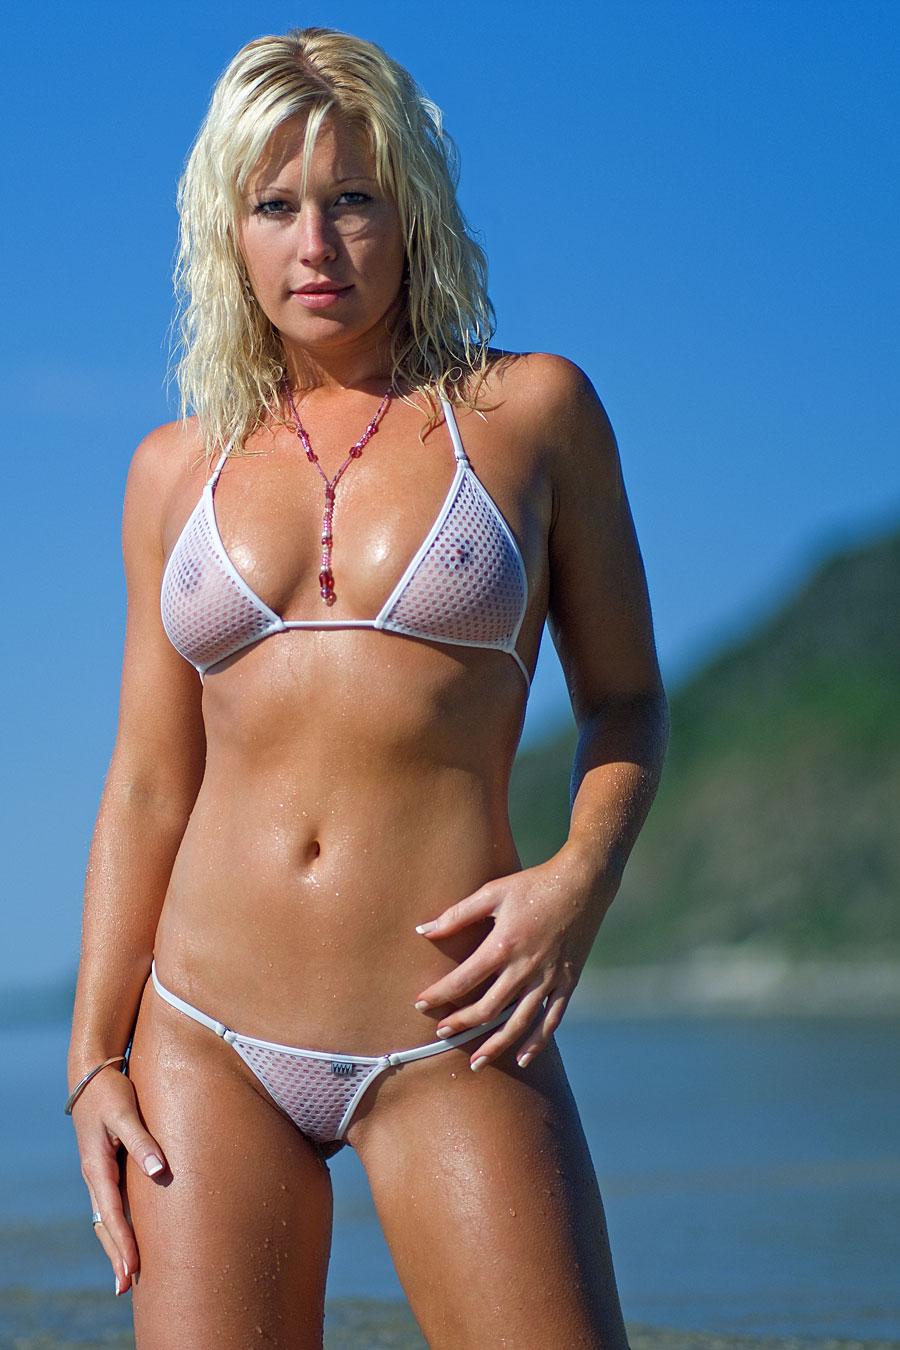 bikini babe yugioh cards